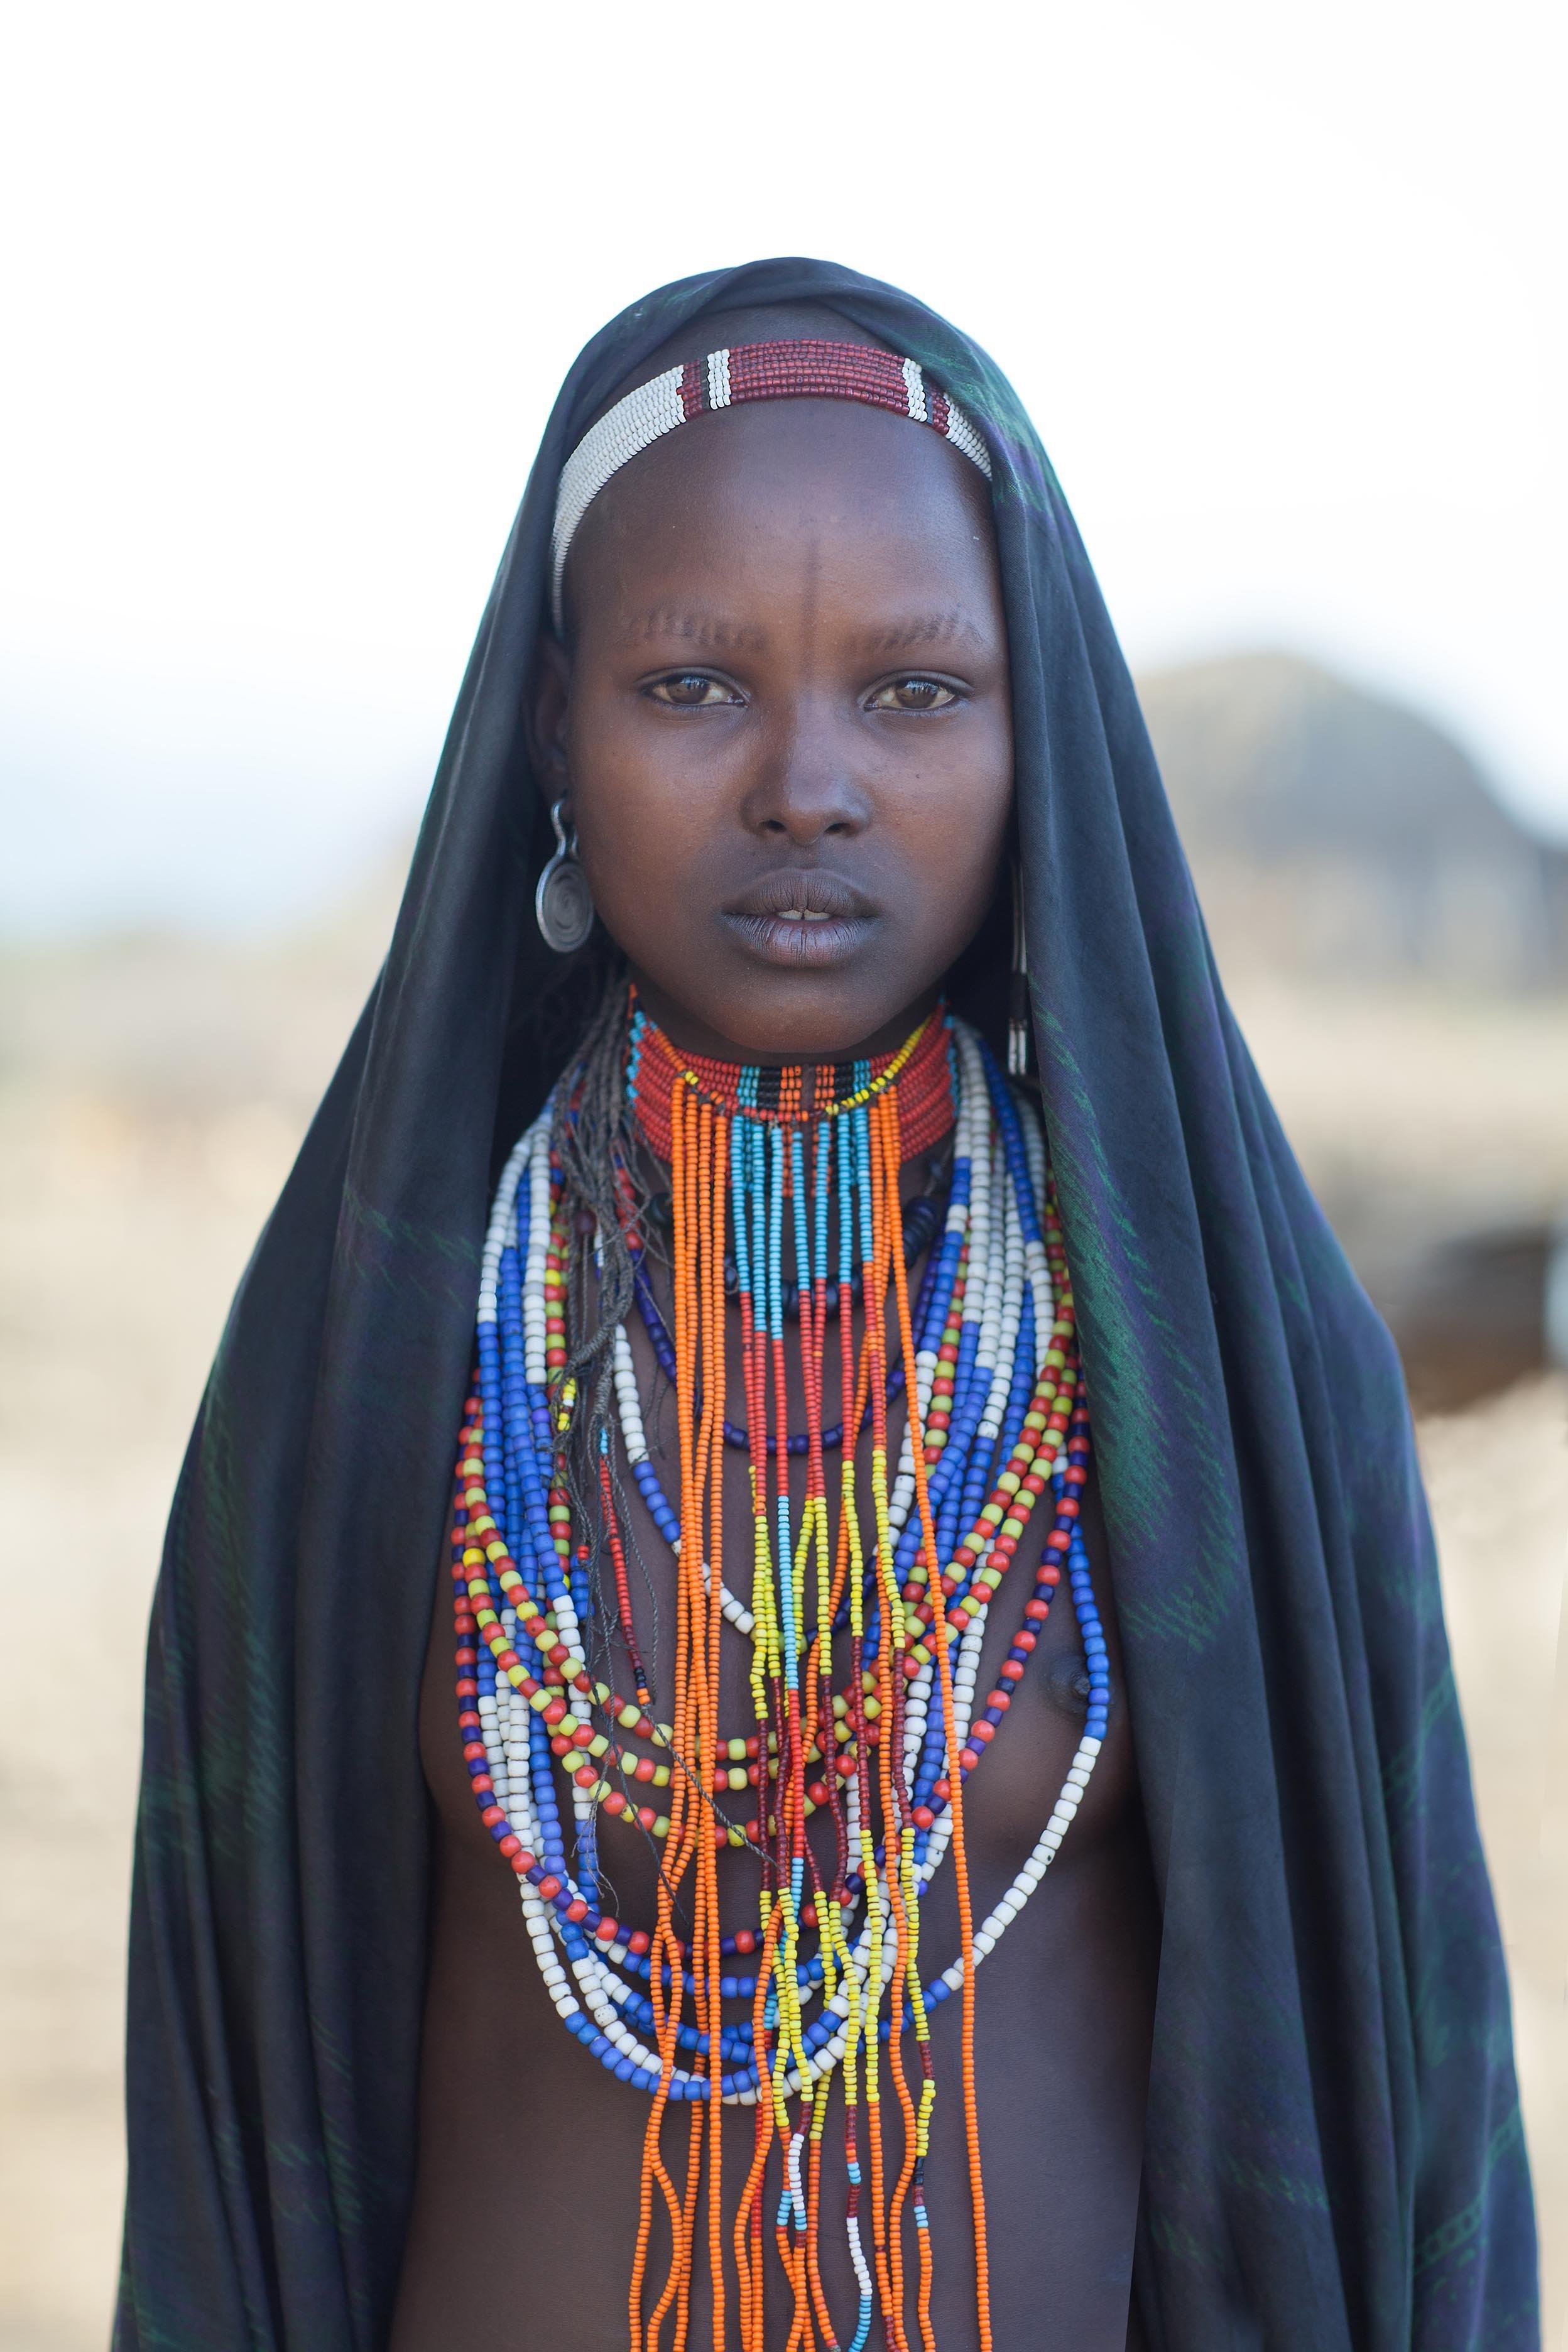 Shot in Ethiopia.